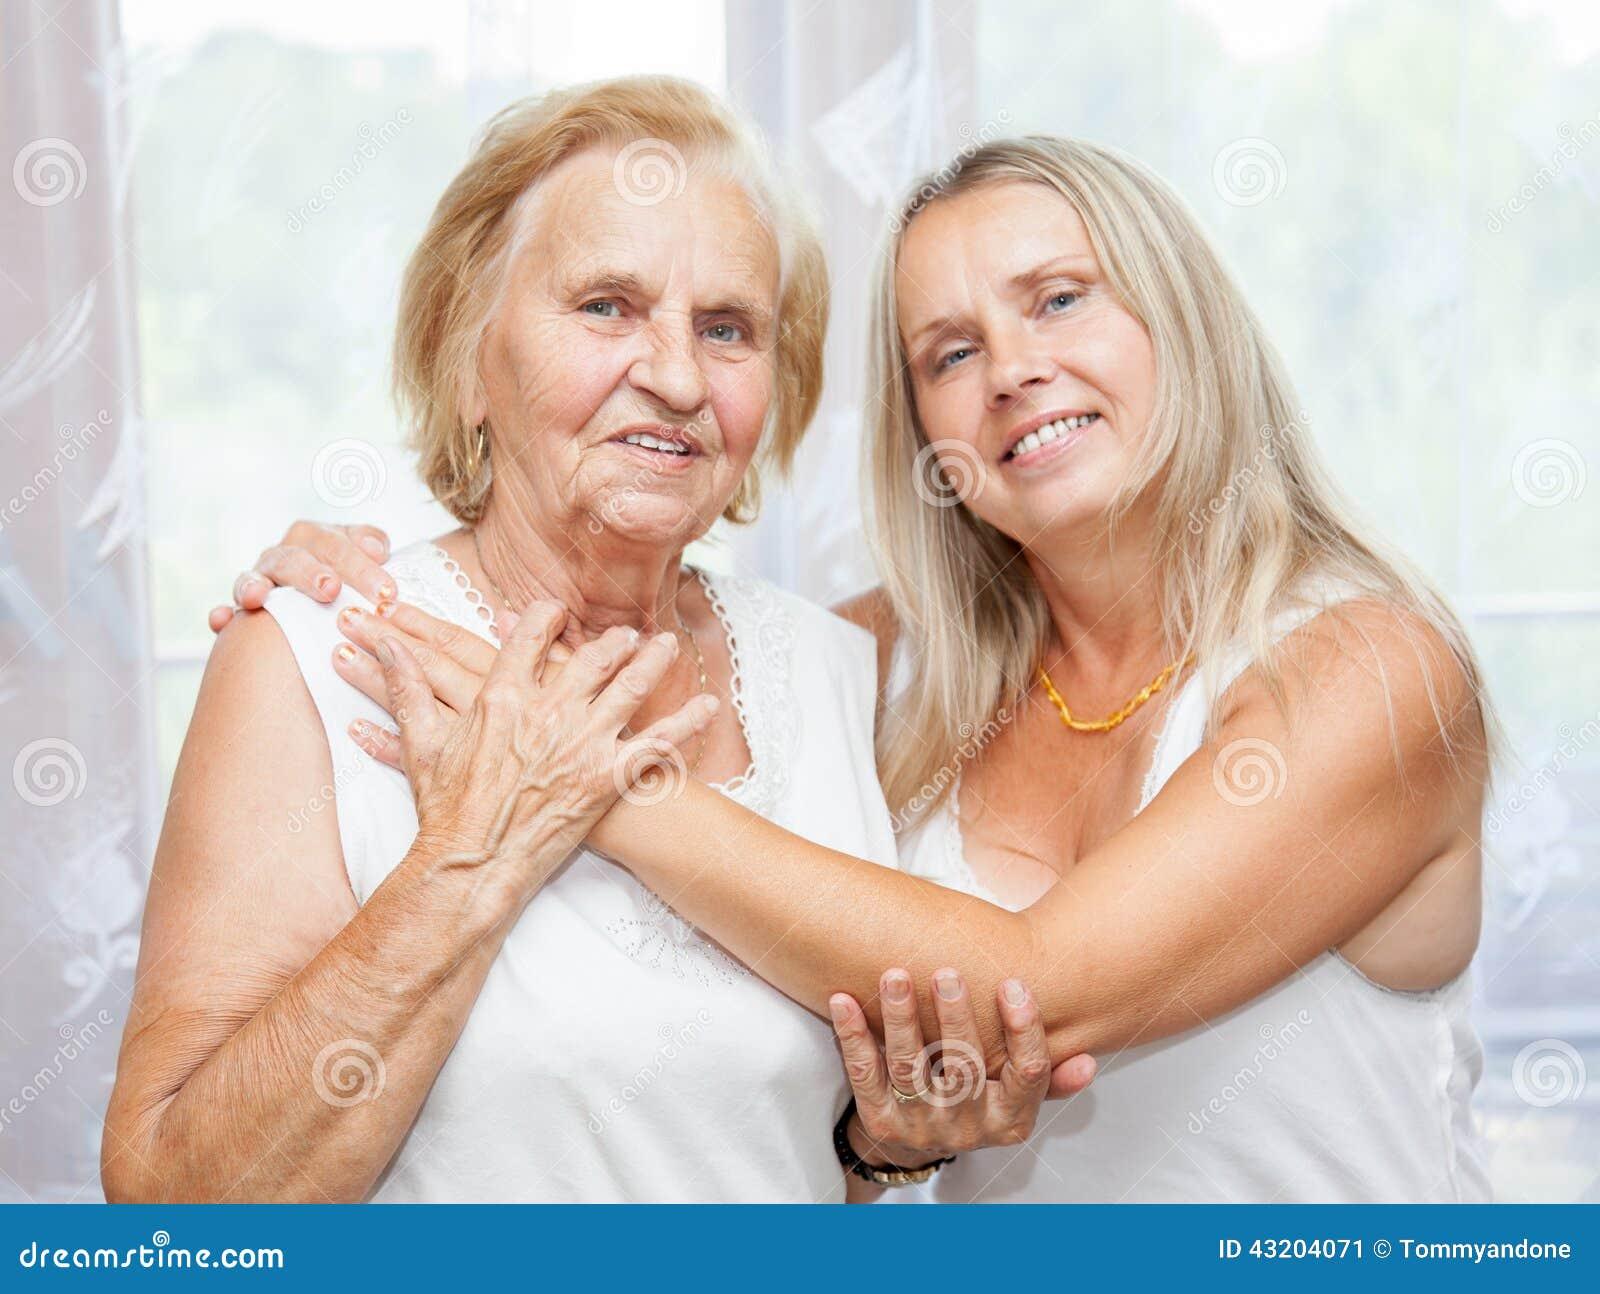 Download Ge omsorg för åldring fotografering för bildbyråer. Bild av åldring - 43204071